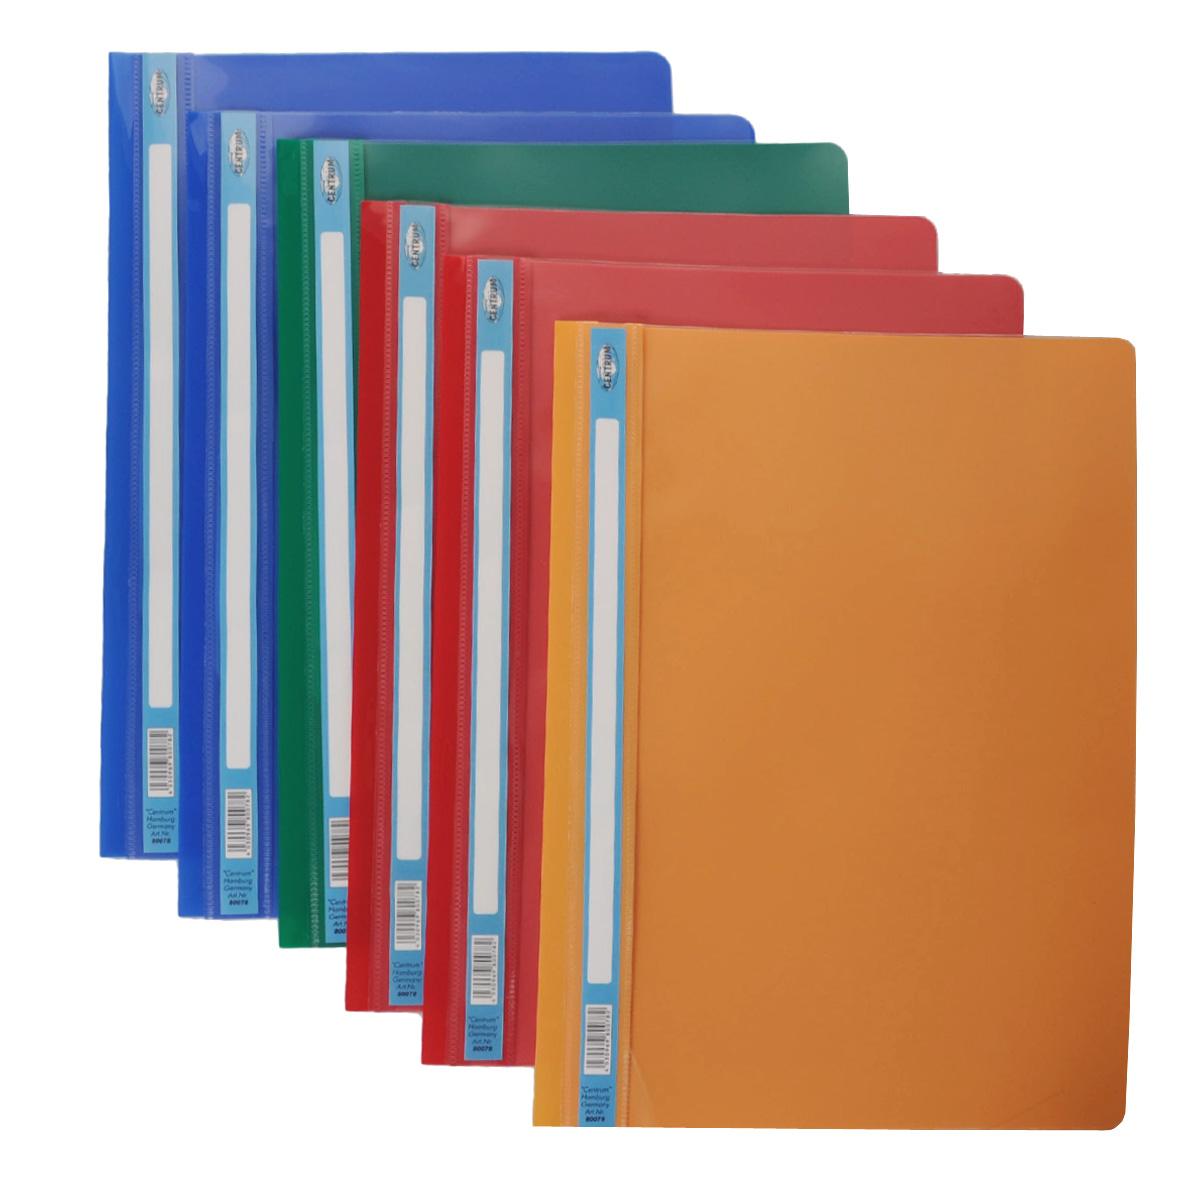 Папка-скоросшиватель Centrum. Формат А4, 6 шт, цвет: оранжевый80078ОПапка-скоросшиватель Centrum - это удобный и функциональный офисный инструмент, предназначенный для хранения и транспортировки рабочих бумаг и документов формата А4. Изготовлена из полупрозрачного, прочного пластика, имеет прозрачный верхний лист и более плотный нижний. Папка оснащена металлическими скобками для фиксации перфорированных бумаг. В комплект входят 6 папок формата A4. Папка-скоросшиватель - это незаменимый атрибут для студента, школьника, офисного работника. Такая папка надежно сохранит ваши документы и сбережет их от повреждений, пыли и влаги.